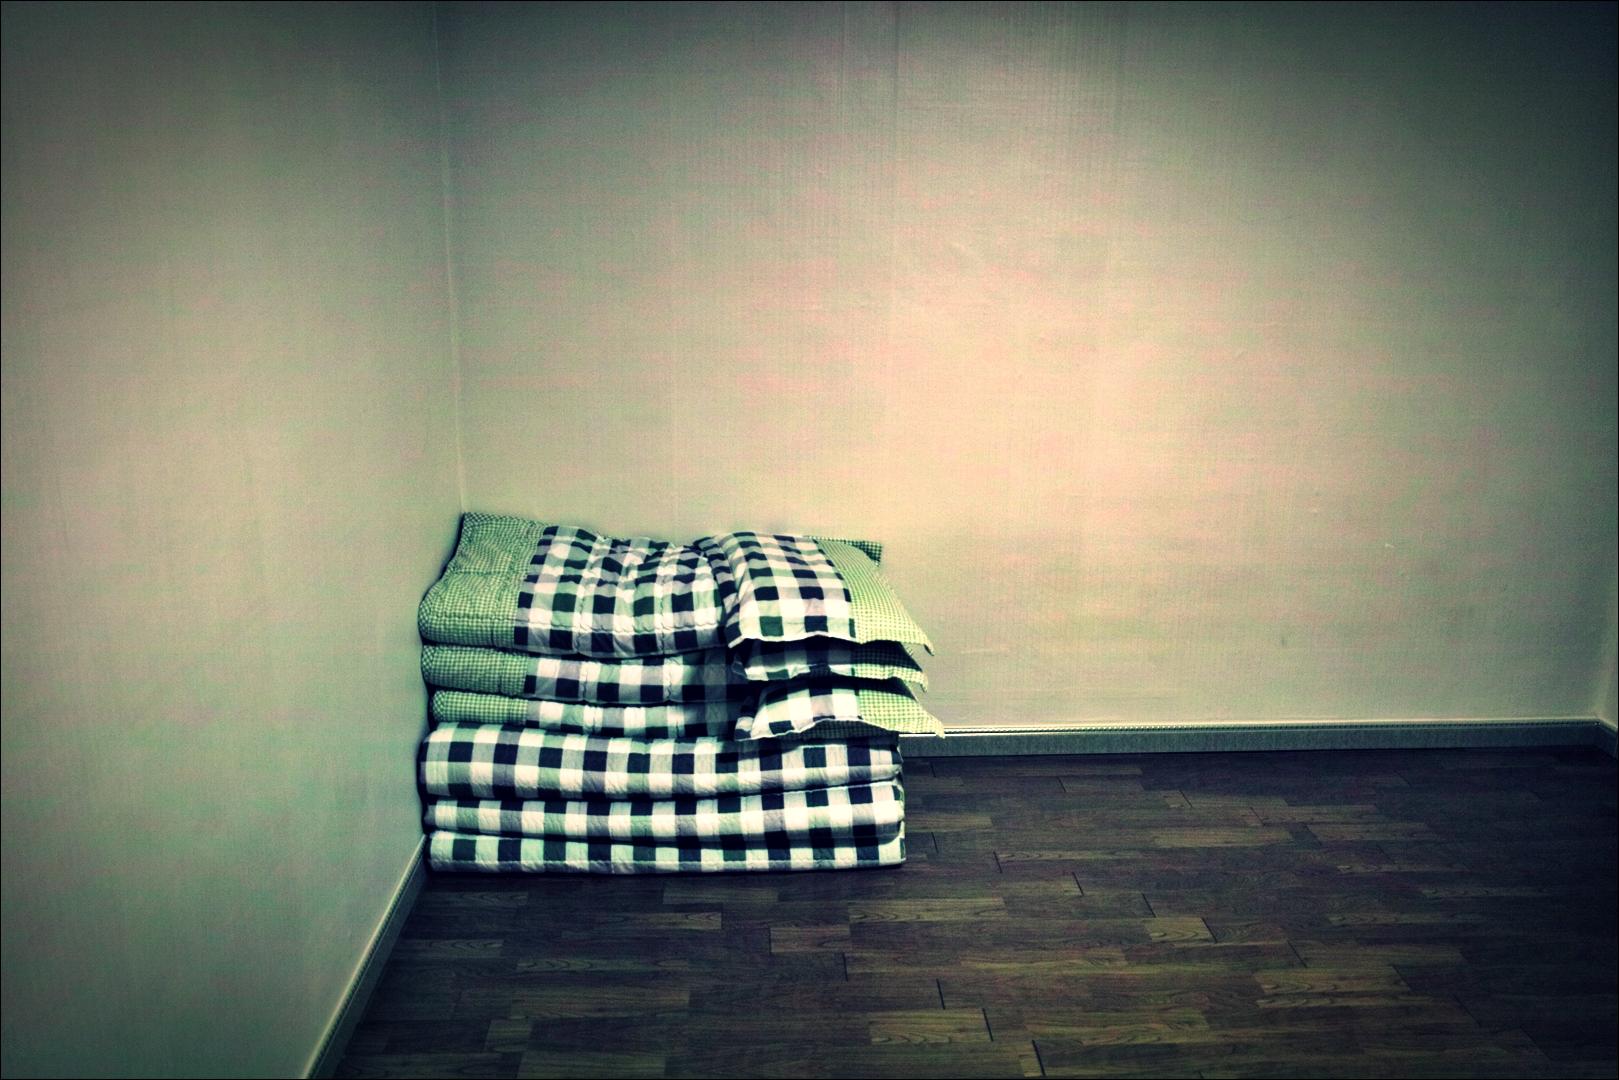 방-'문경 호텔  킹 hotel King'